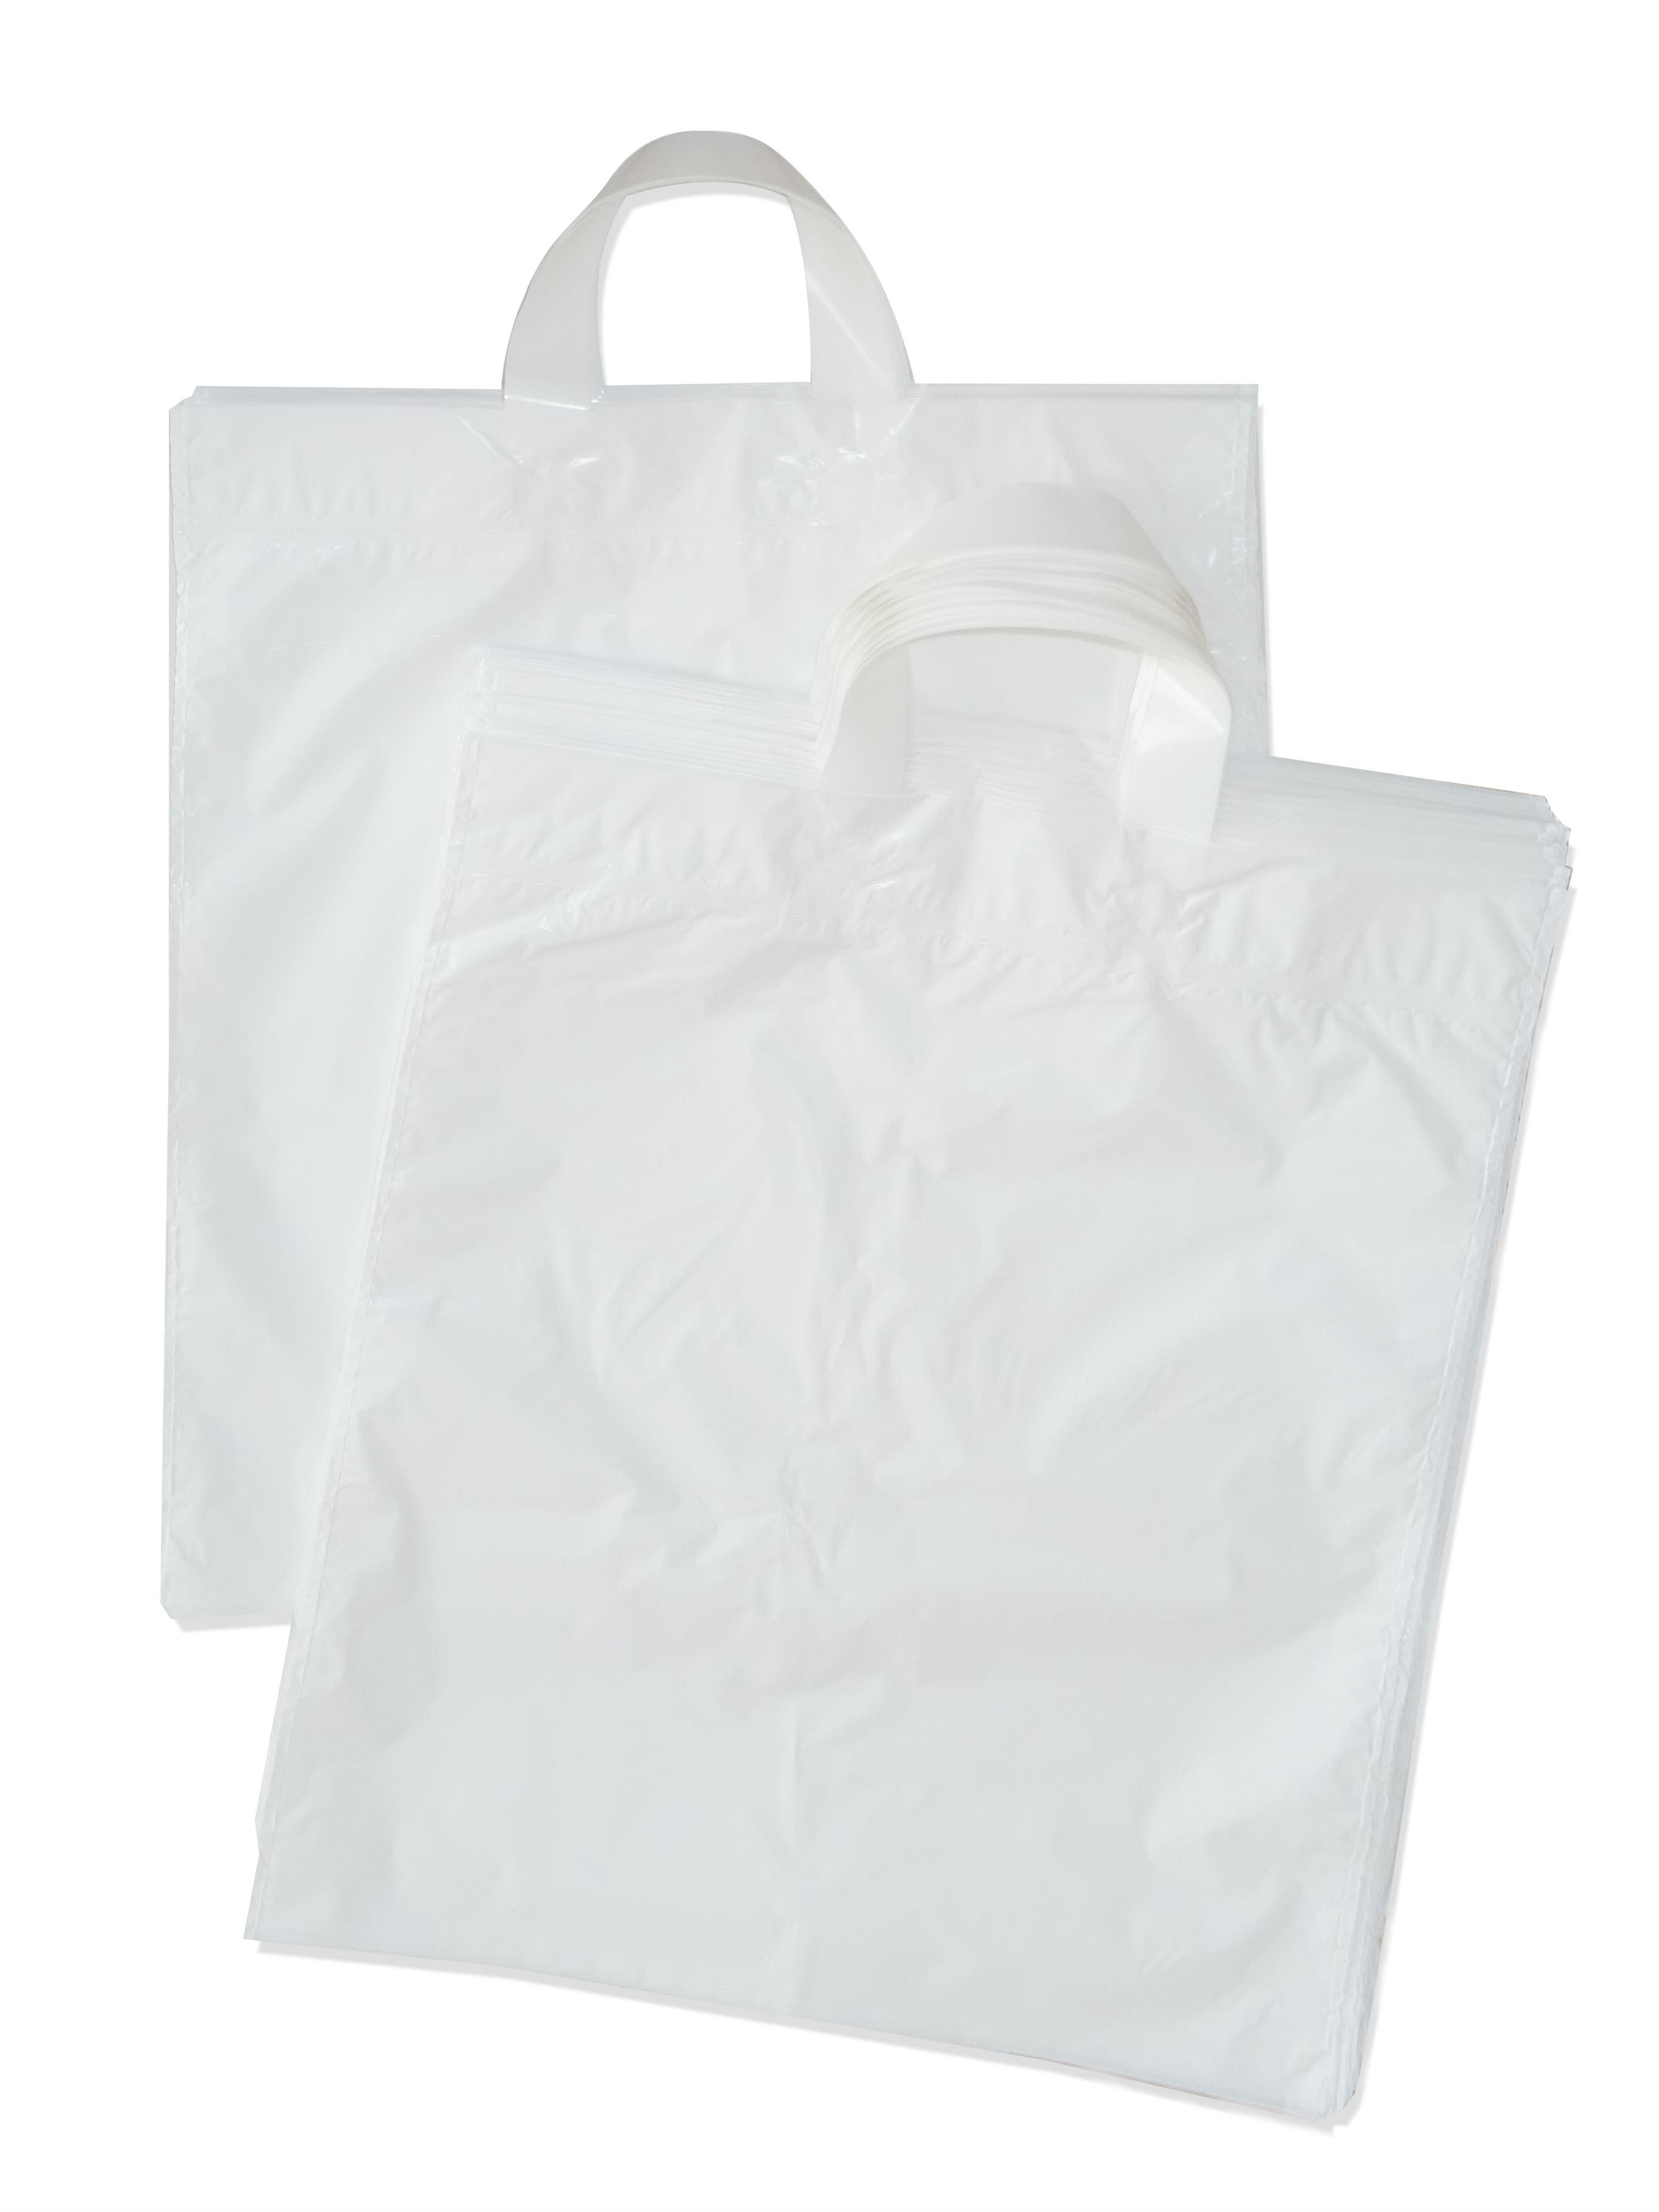 b36f8a7054 Taška igelitová LDPE 10 kg bílá 38 x 46 cm